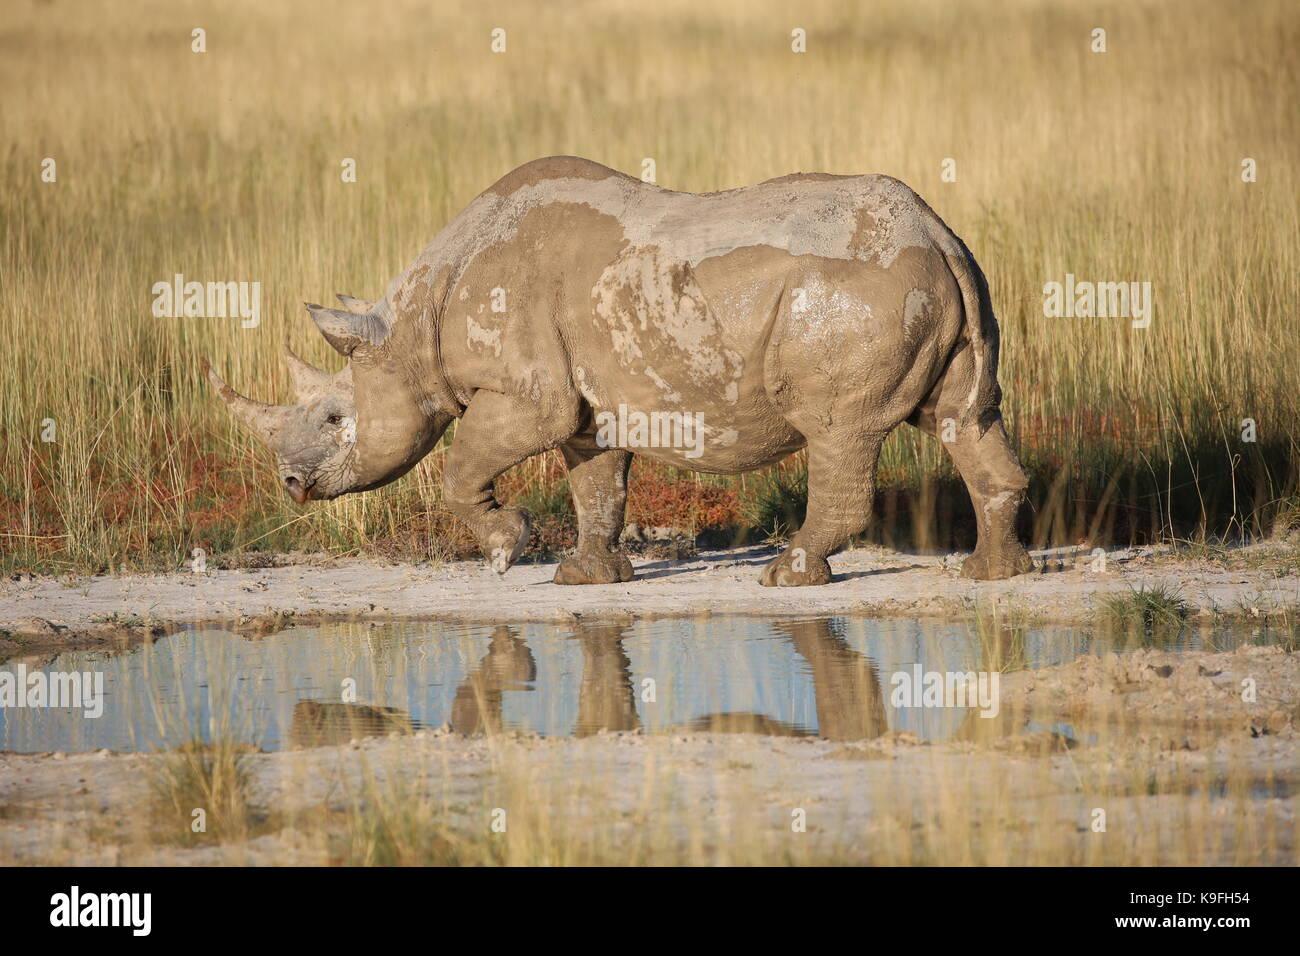 Nashorn in Steppenlandschaft am Wasserloch im Etosha Nationalpark - Stock Image